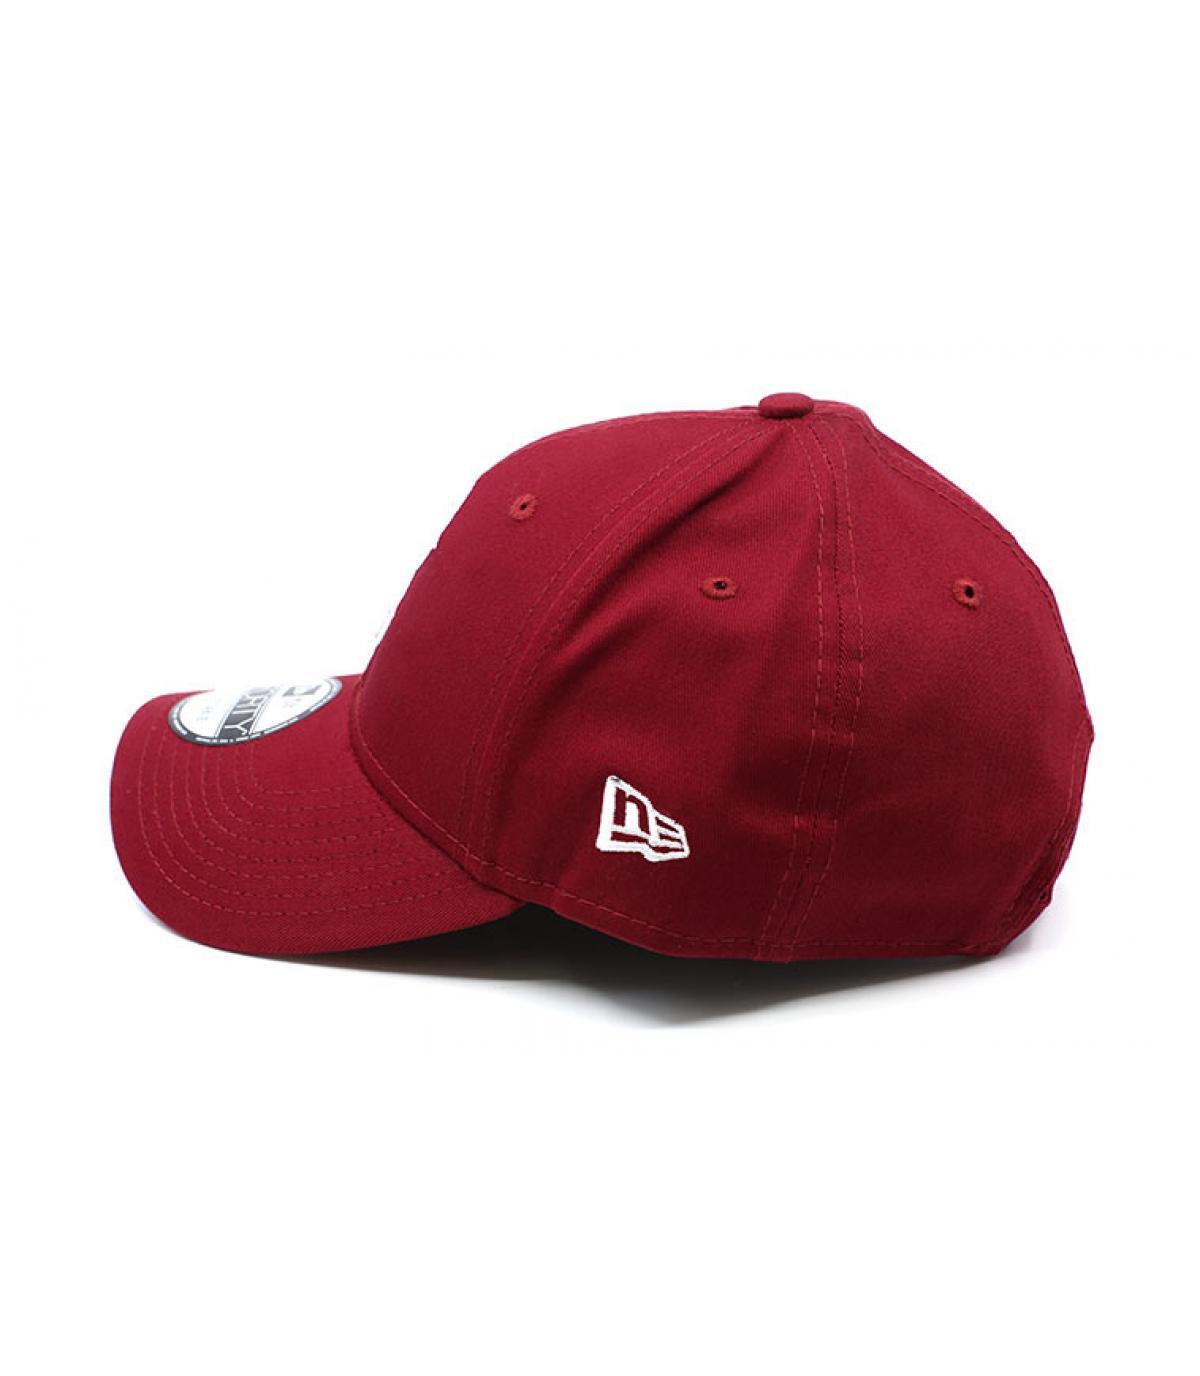 Détails League Ess 9Forty Boston cardinal - image 4